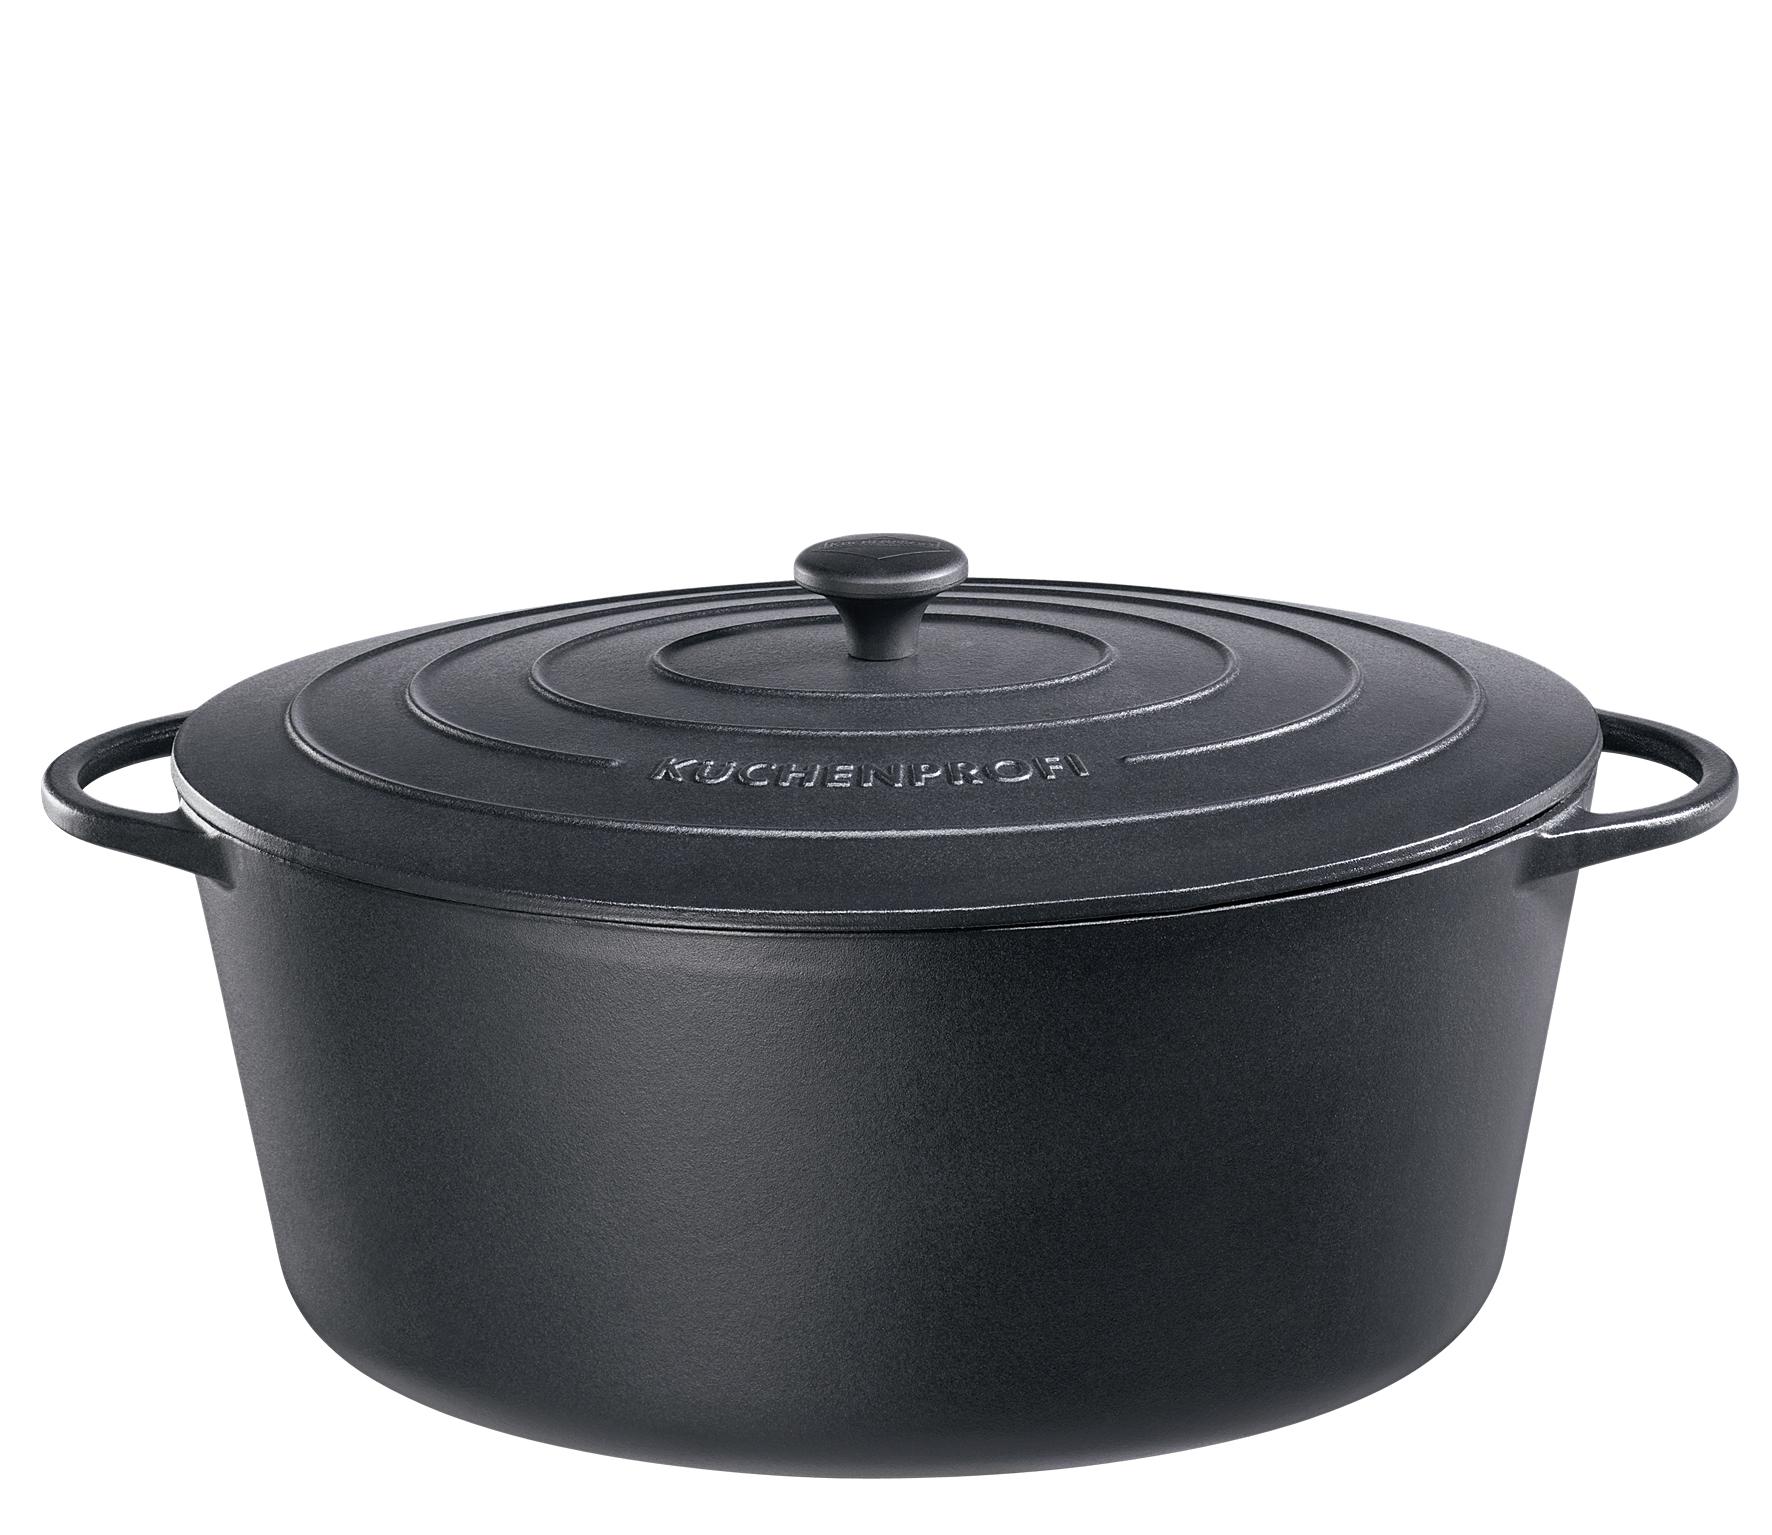 Litinový hrnec 40 cm černý Provence - Küchenprofi